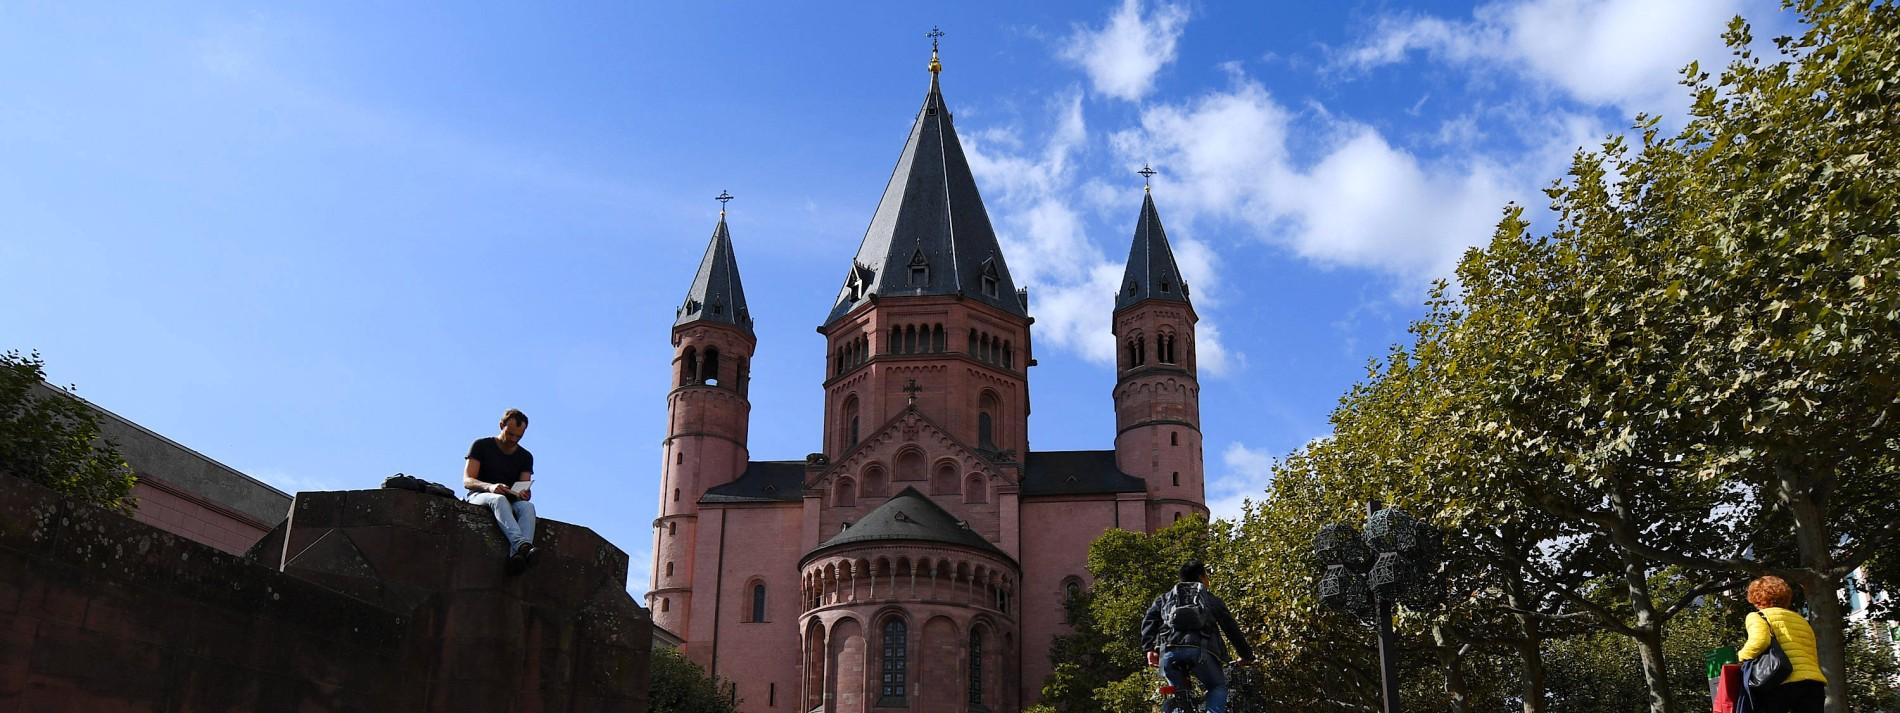 Bistum Mainz erwartet zweistelliges Millionen-Defizit